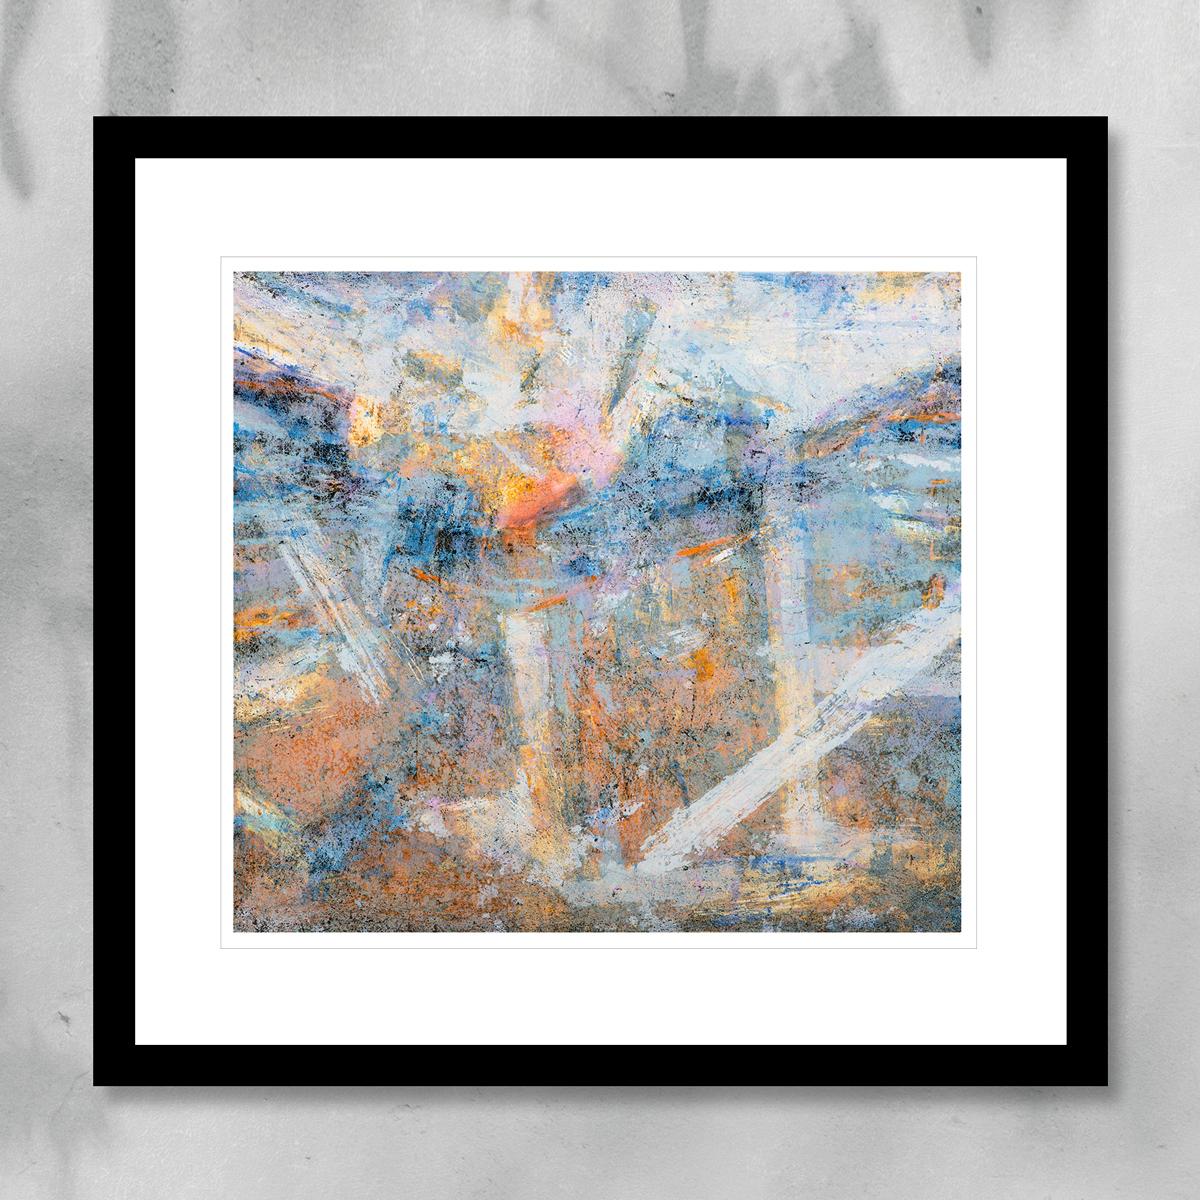 Abstrakt kunst med glødende blått og hvitt penselstrøk. Håndkolorert litografi av Vebjørn Sand.